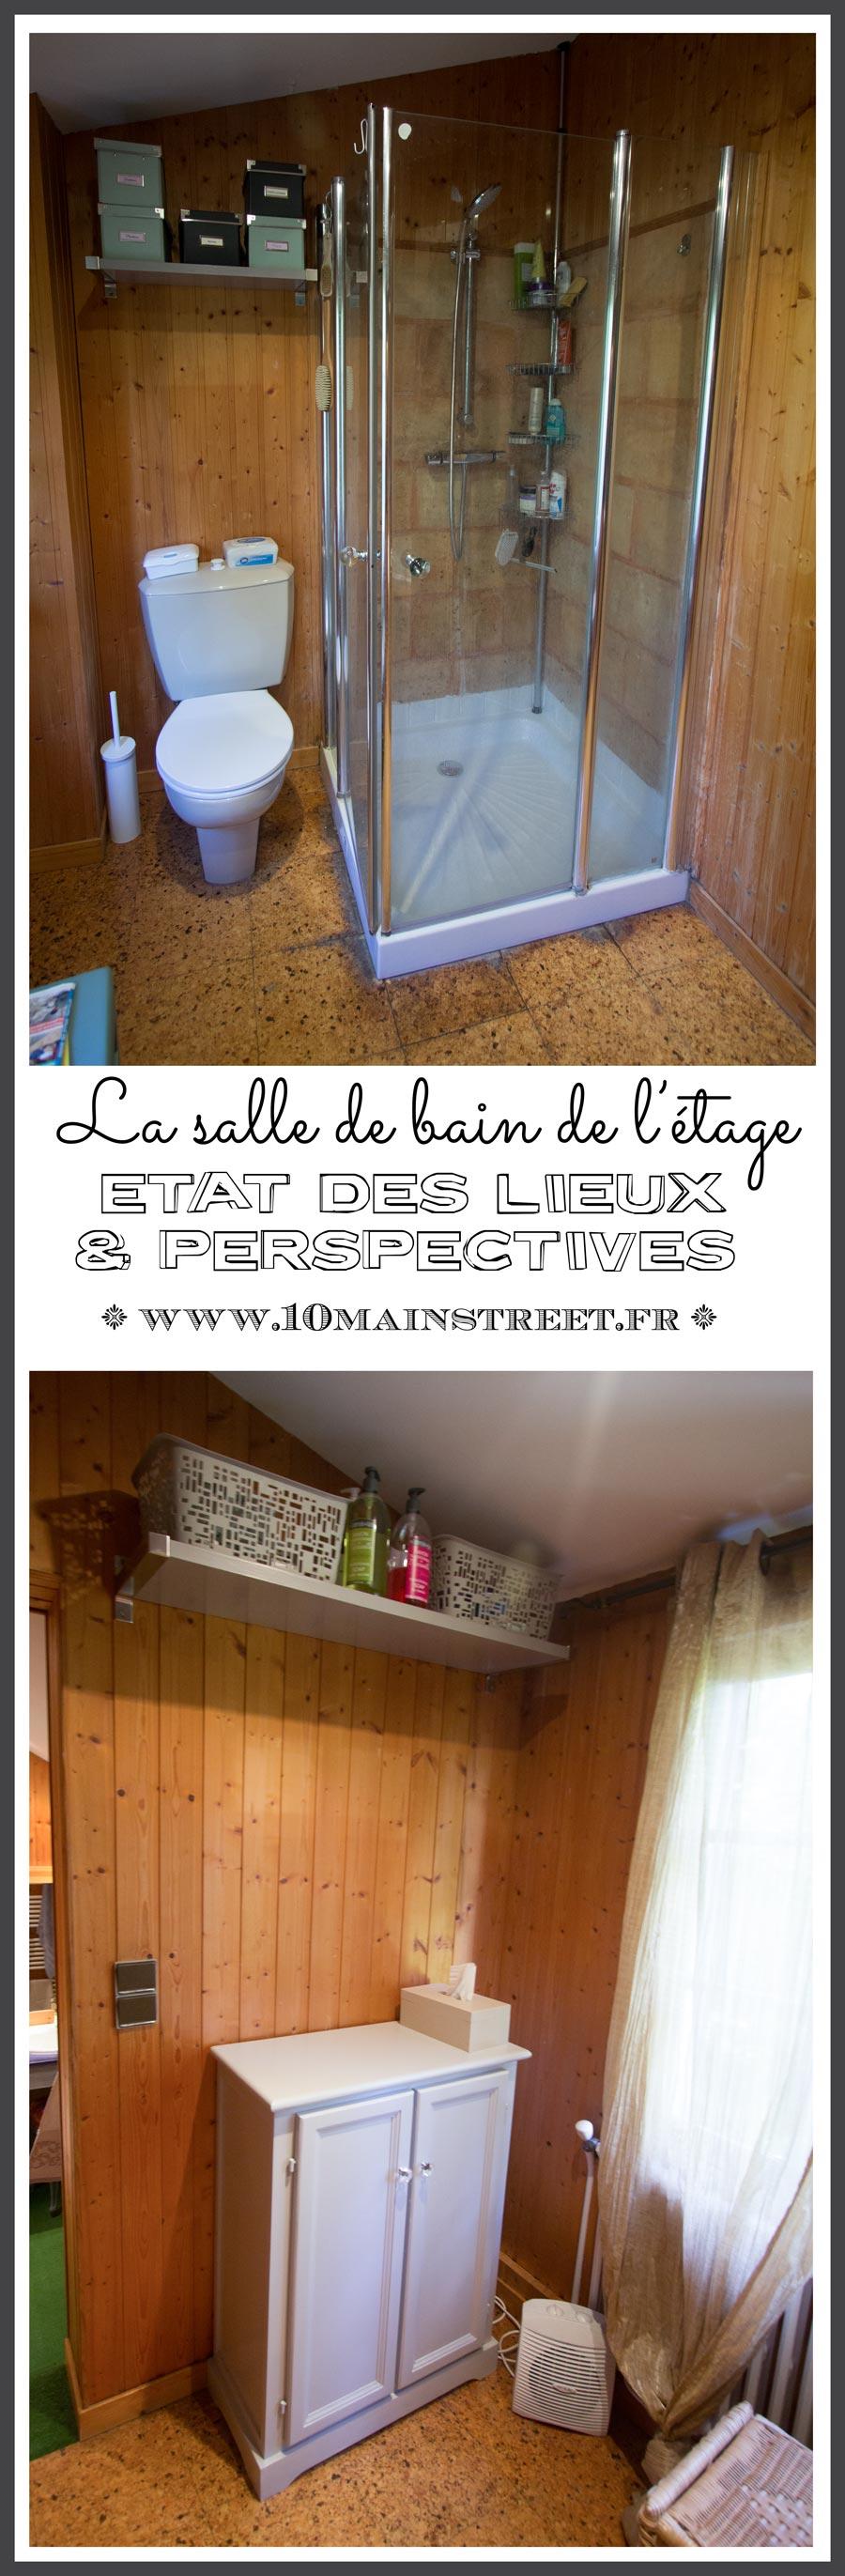 Lu0027état Des Lieux De La Salle De Bain Vous A Plu ? Partagez Le Sur Pinterest  Avec Cette Photo !